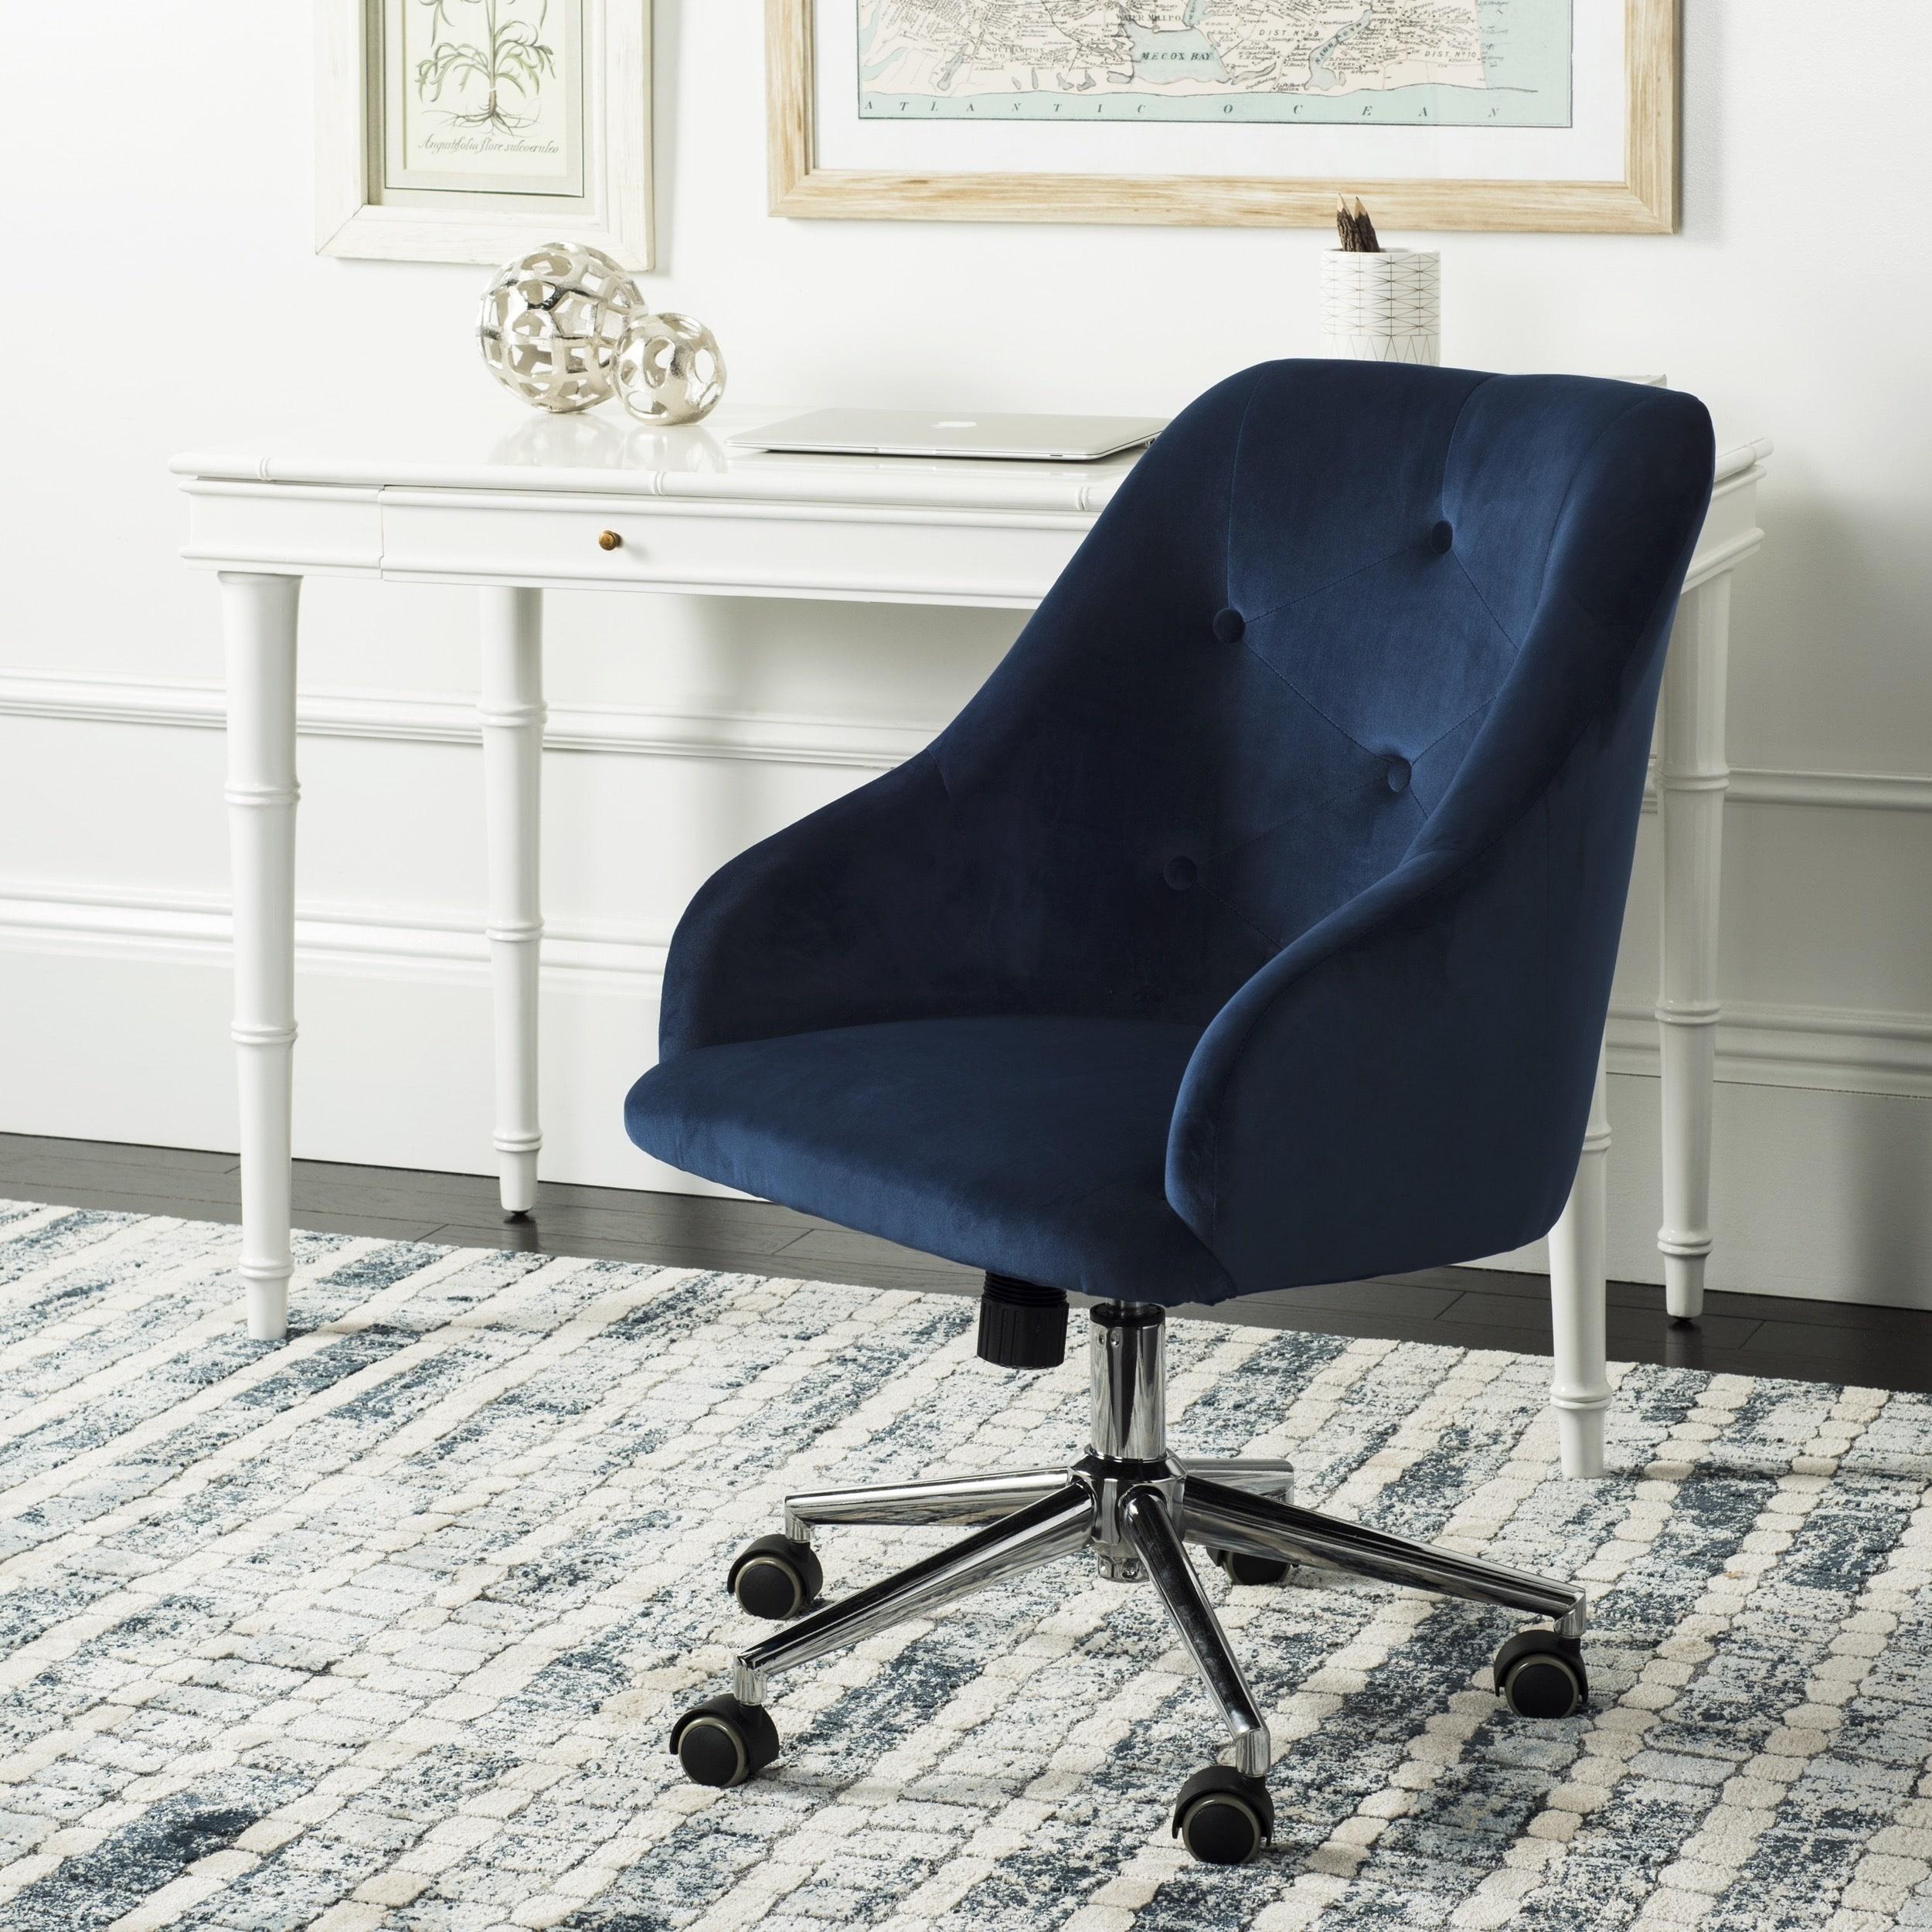 Tremendous Safavieh Evelynn Tufted Velvet Chrome Leg Swivel Office Chair Forskolin Free Trial Chair Design Images Forskolin Free Trialorg